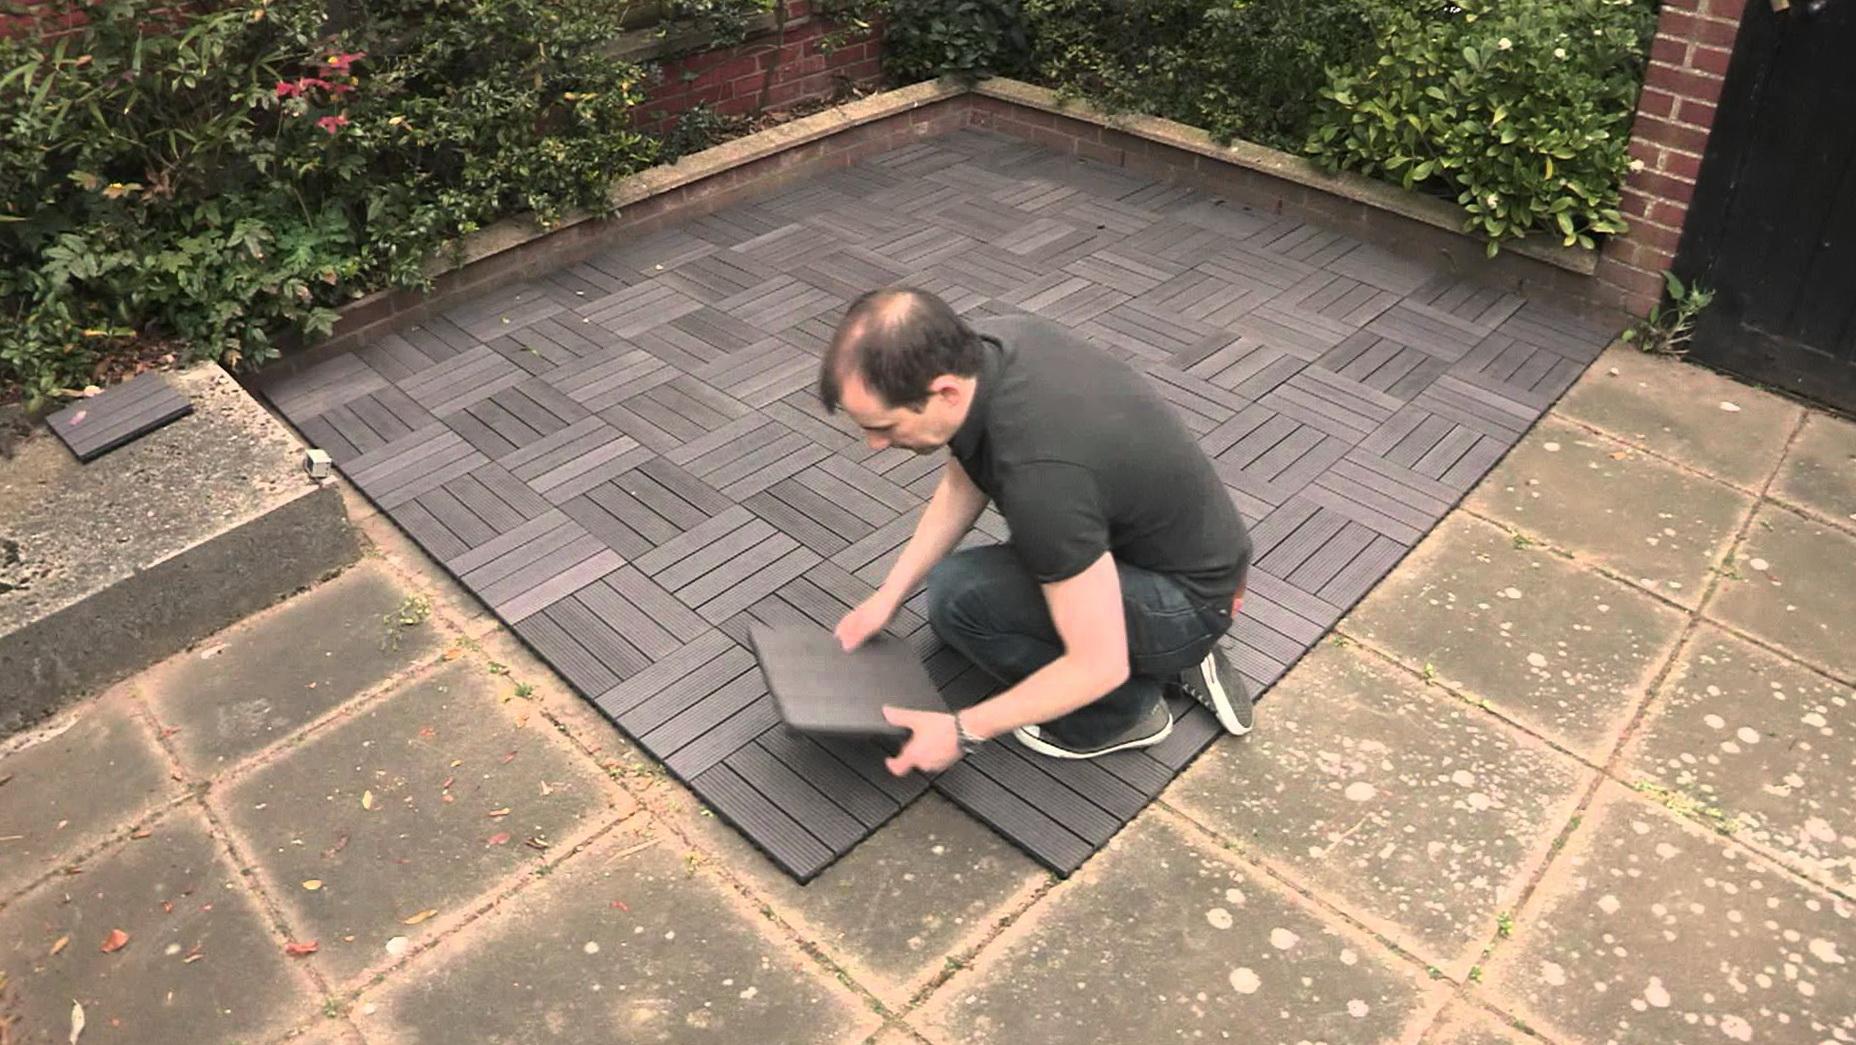 Wood Deck Tiles Over Concrete